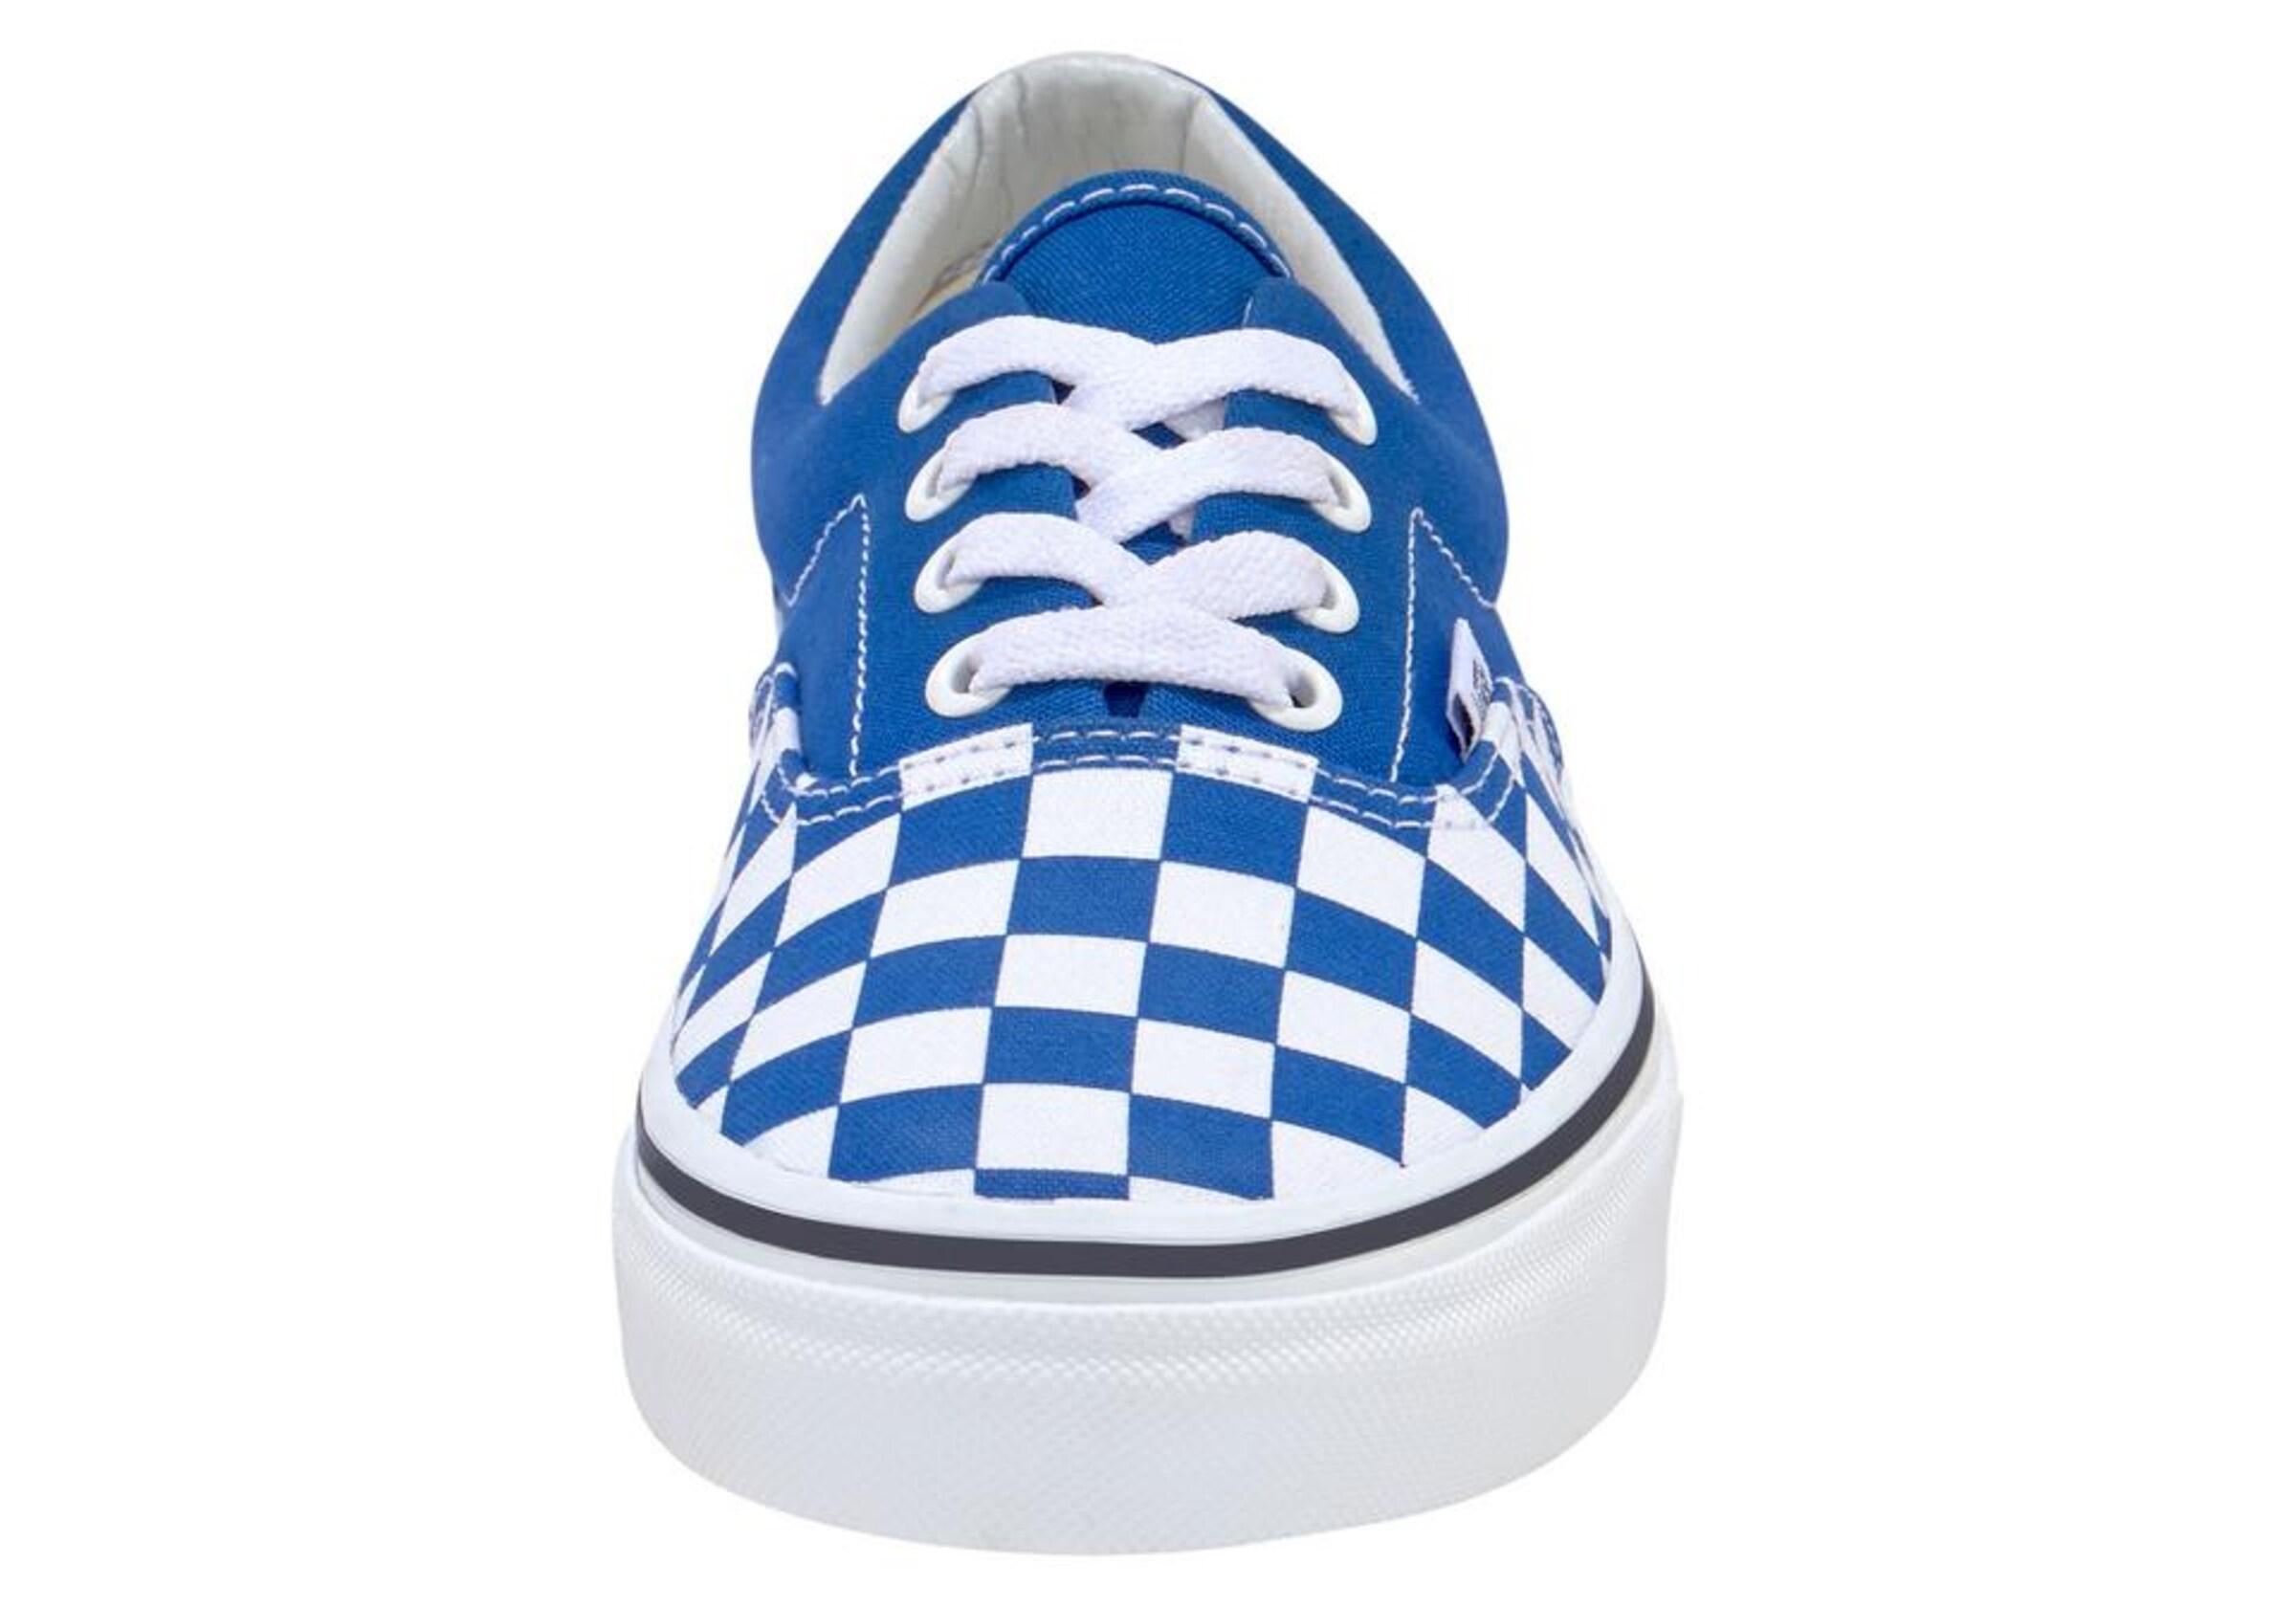 VANS Turnschuhe 'Checkerboard 'Checkerboard 'Checkerboard Era Textil Großer Rabatt 3bca72